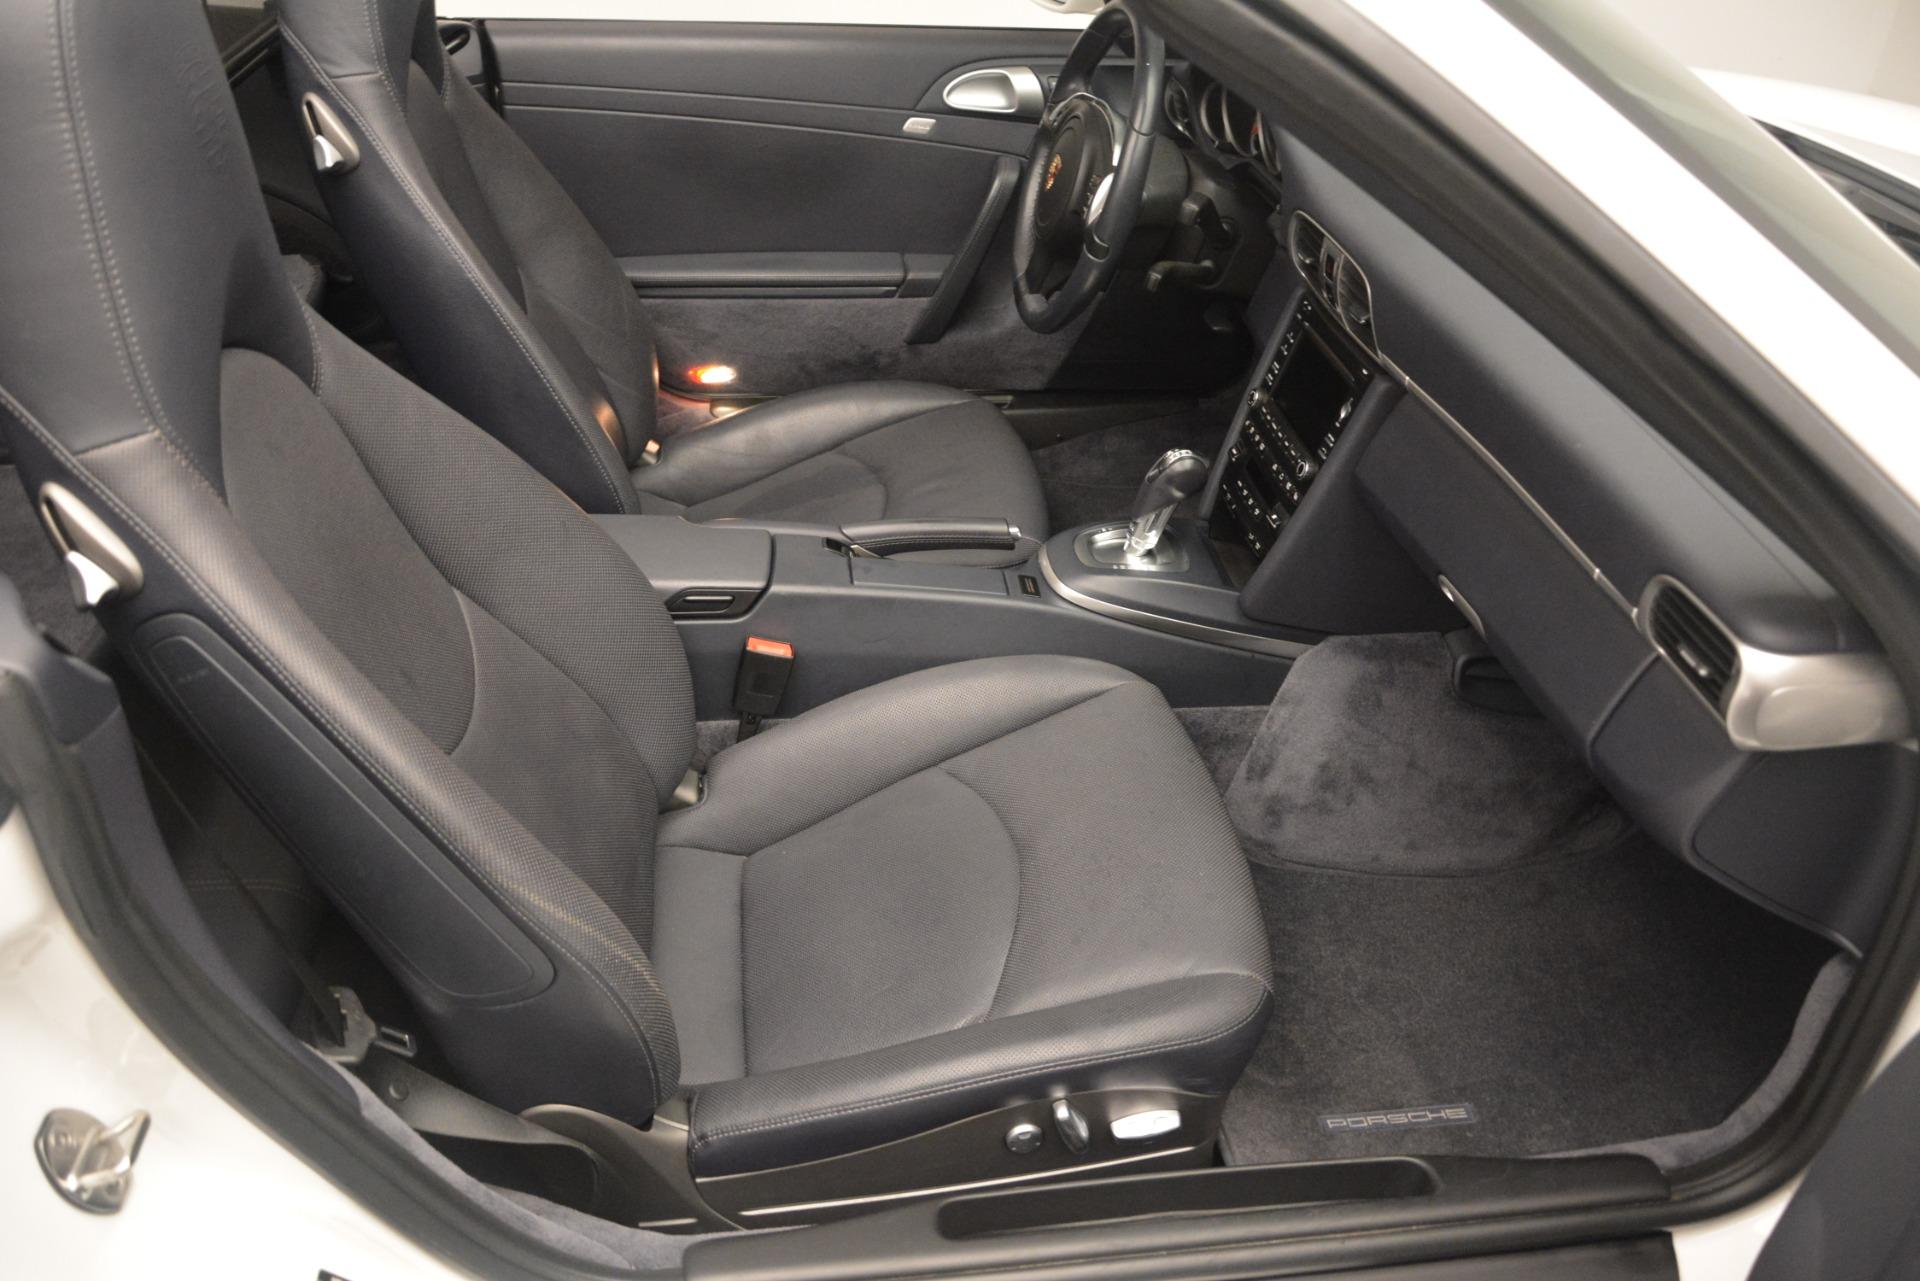 Used 2011 Porsche 911 Carrera 4S For Sale In Greenwich, CT 2600_p23